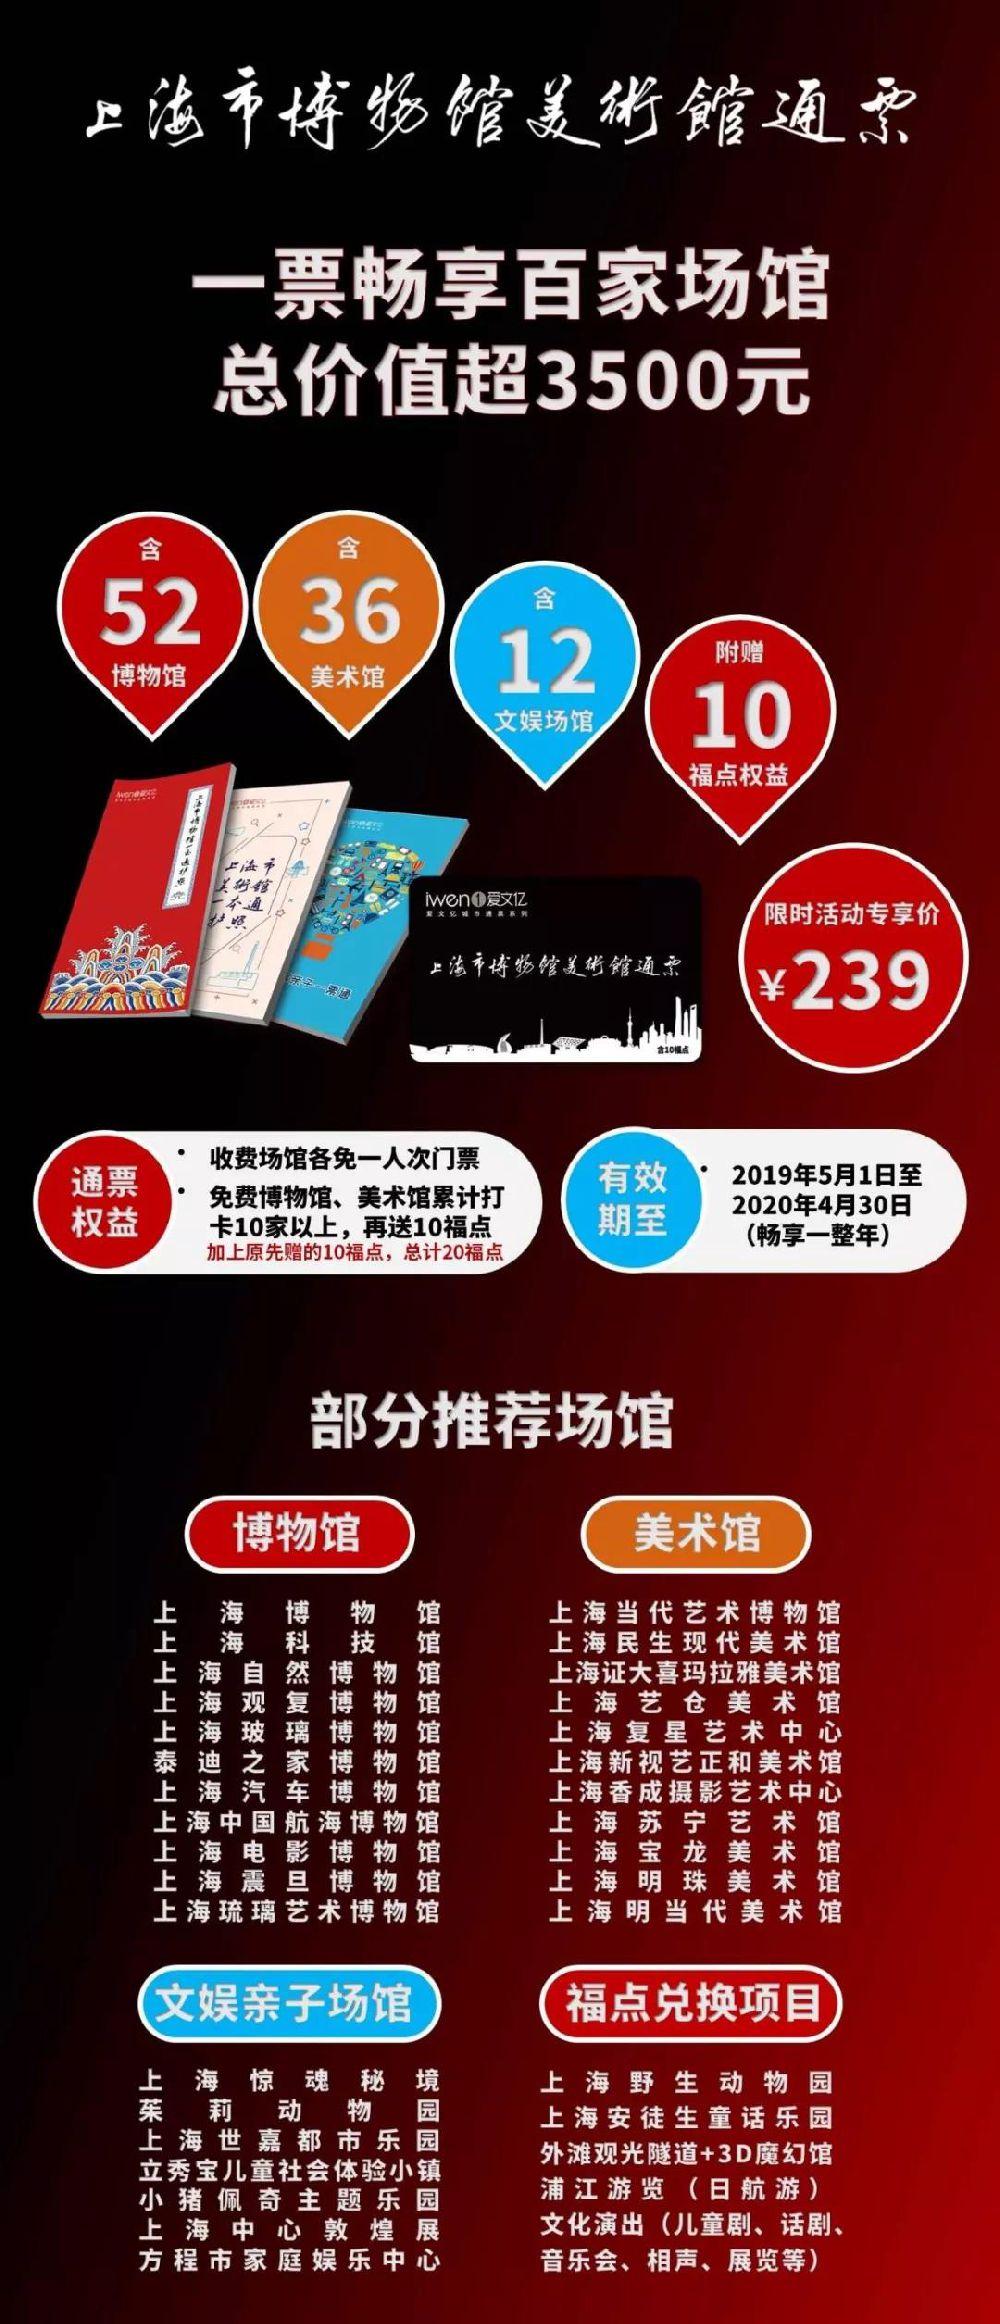 2019《上海市博物馆美术馆通票》全新发布  限时专享价239元